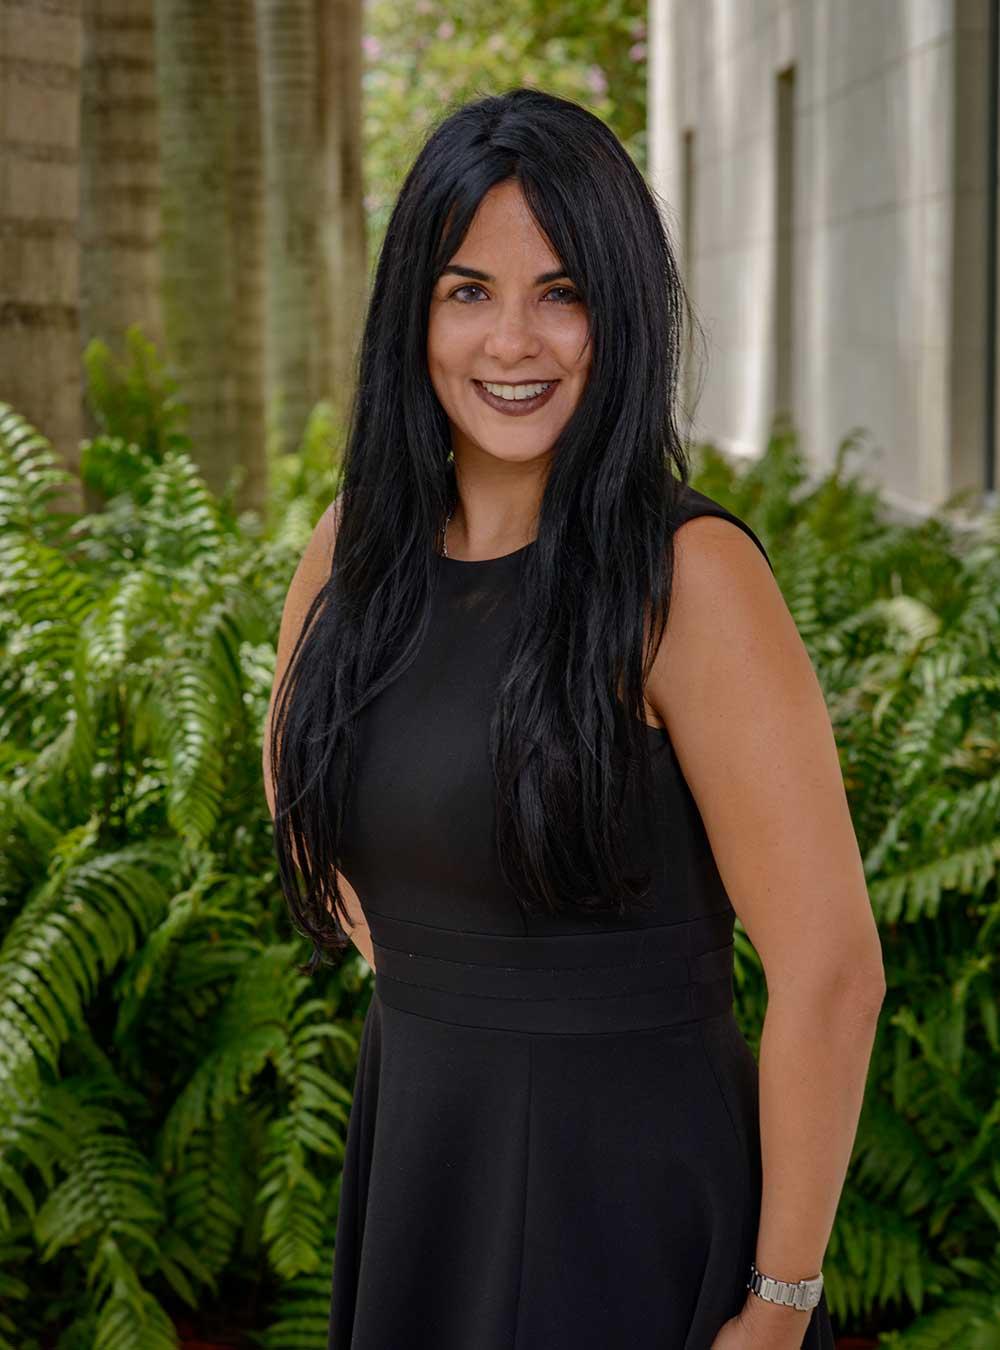 Portrait of Kerri L. Stone